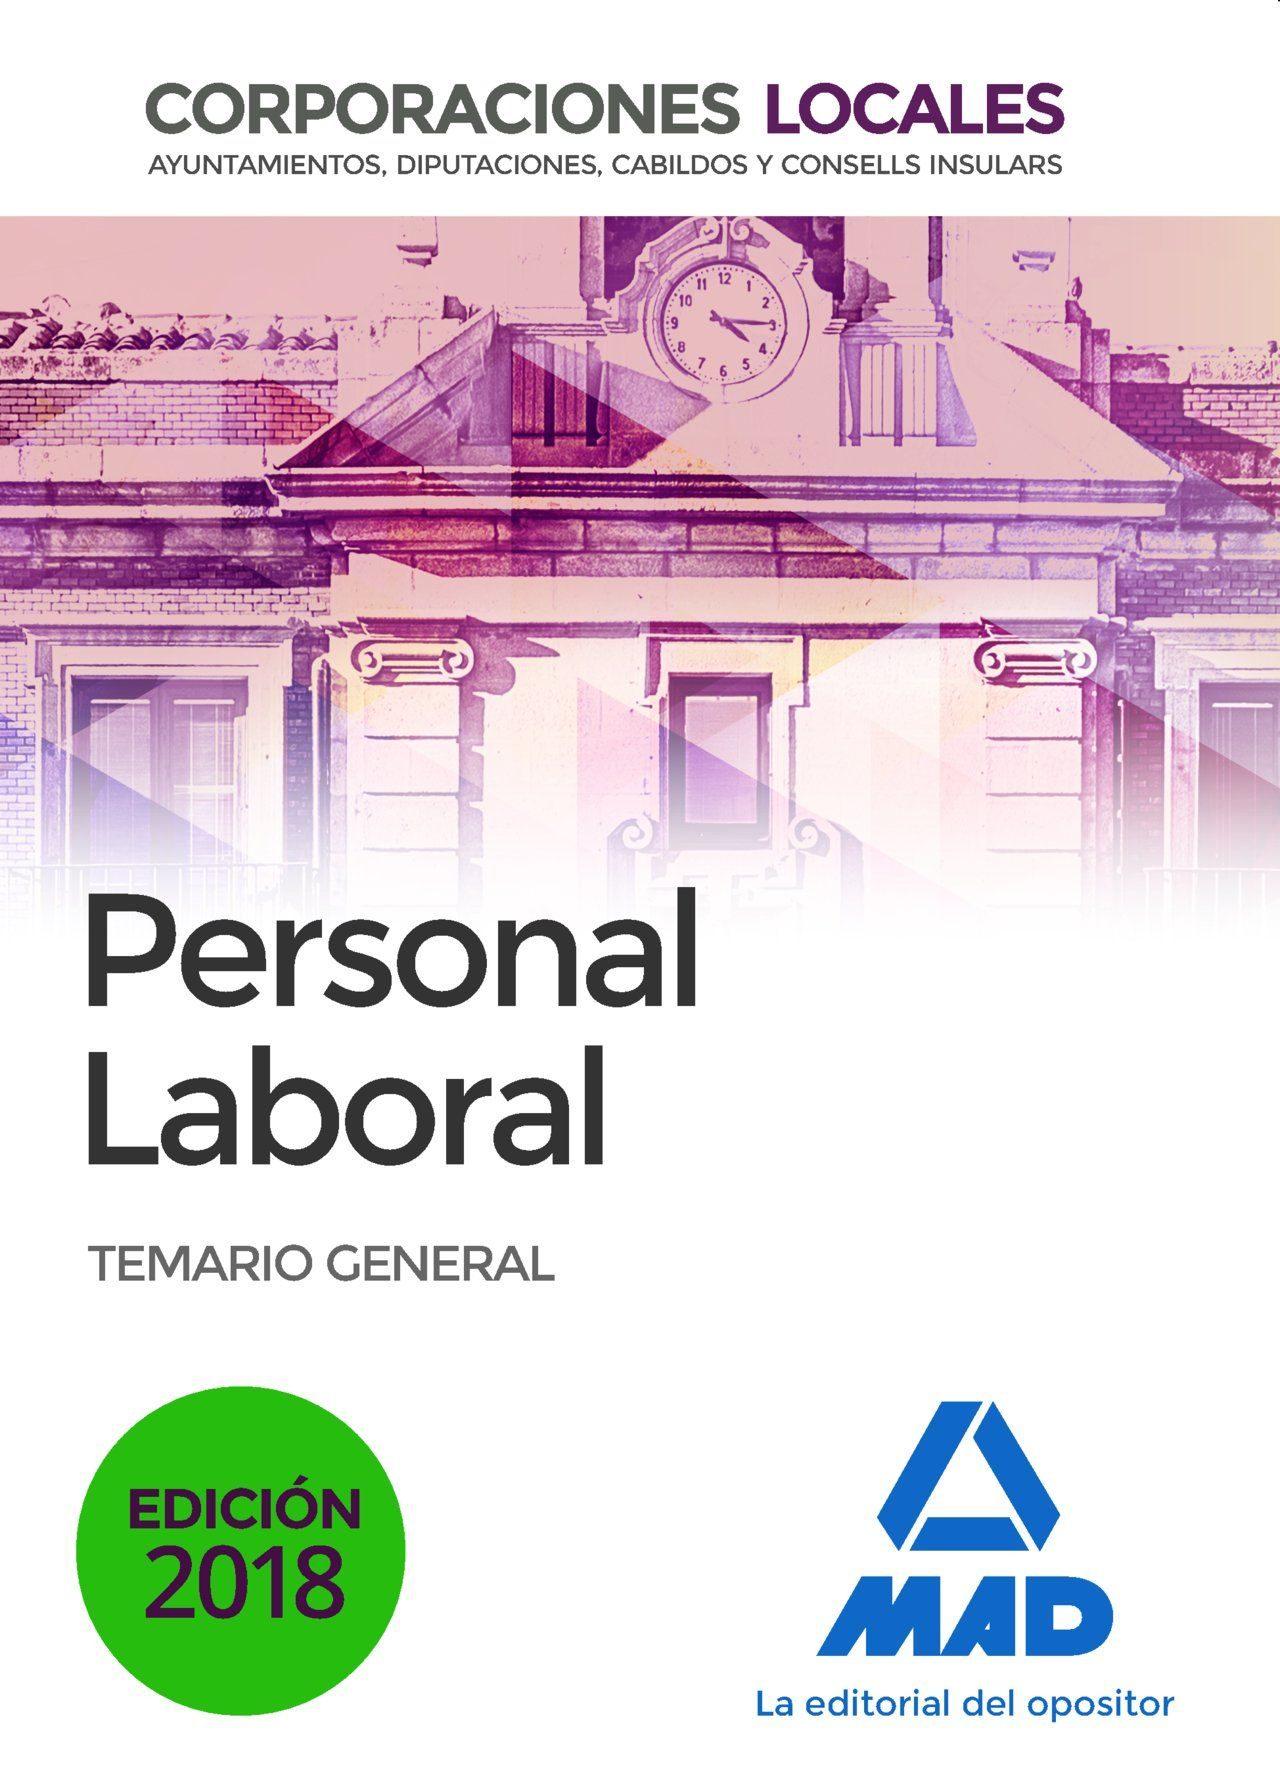 Personal Laboral De Corporaciones Locales. Temario General por Vv.aa.